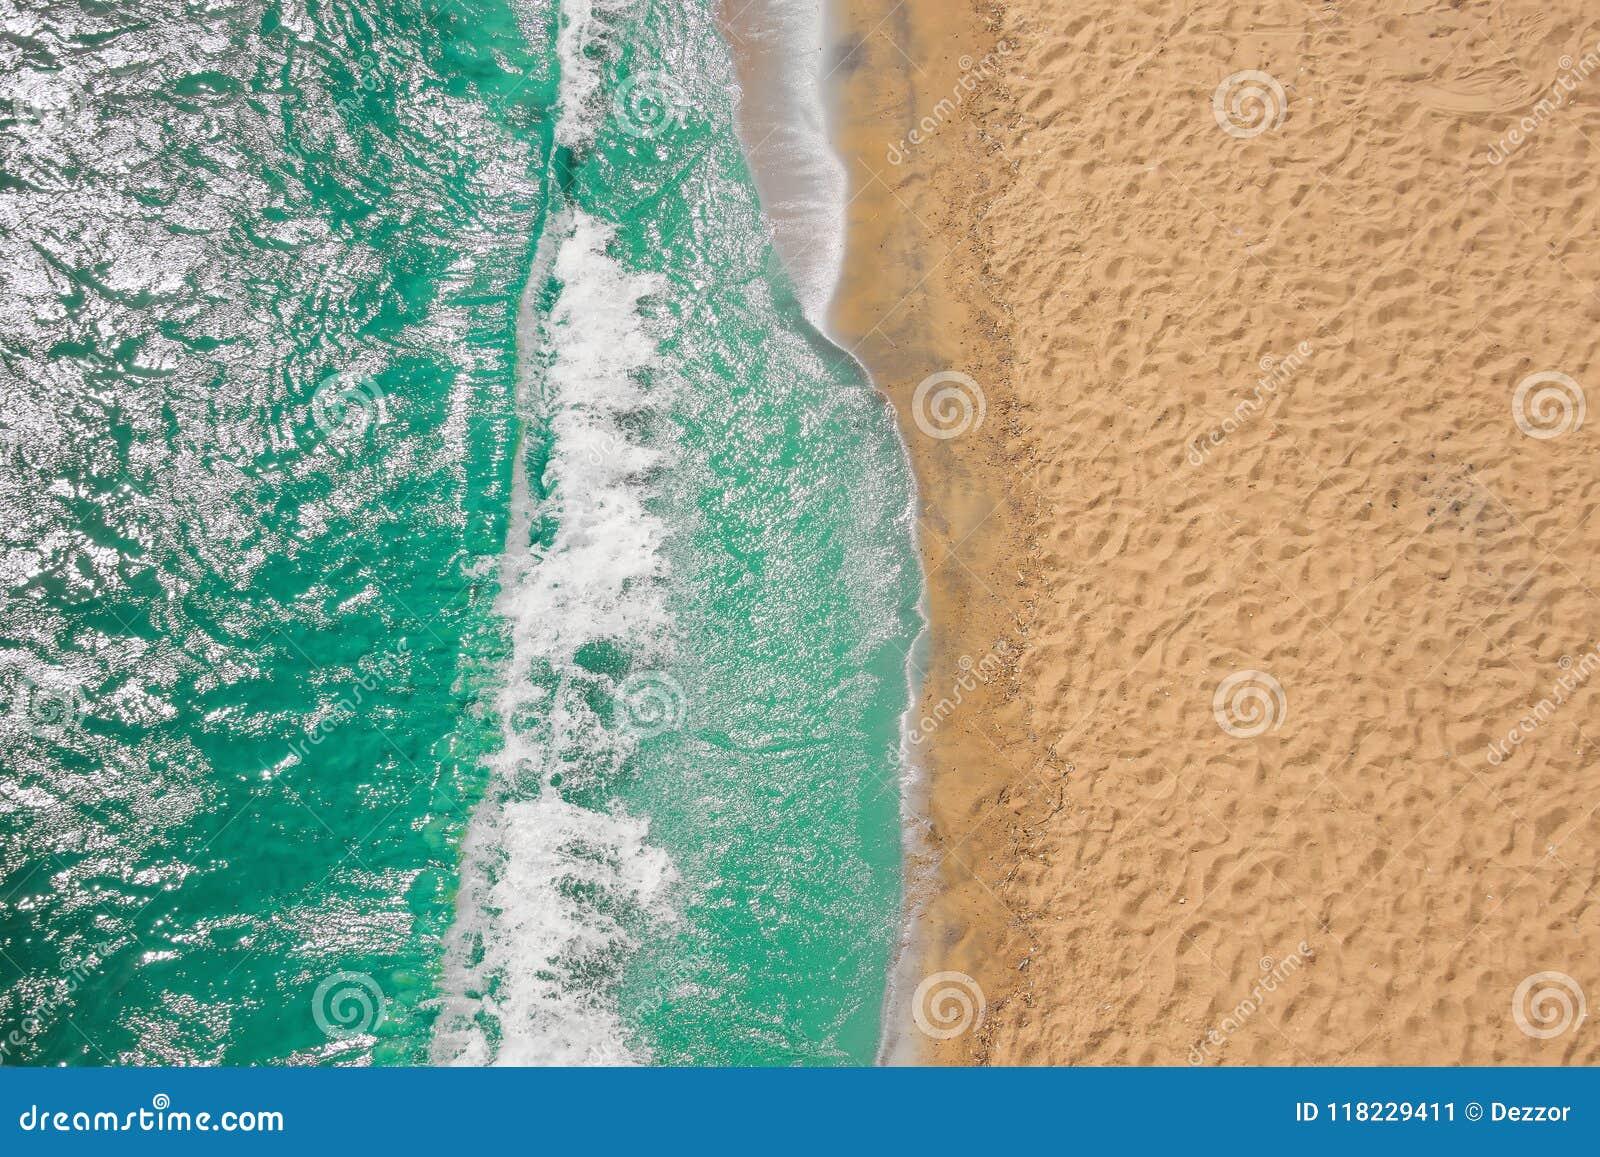 Olas oceánicas de la playa de la costa costa con espuma en la arena Visión superior desde el abejón